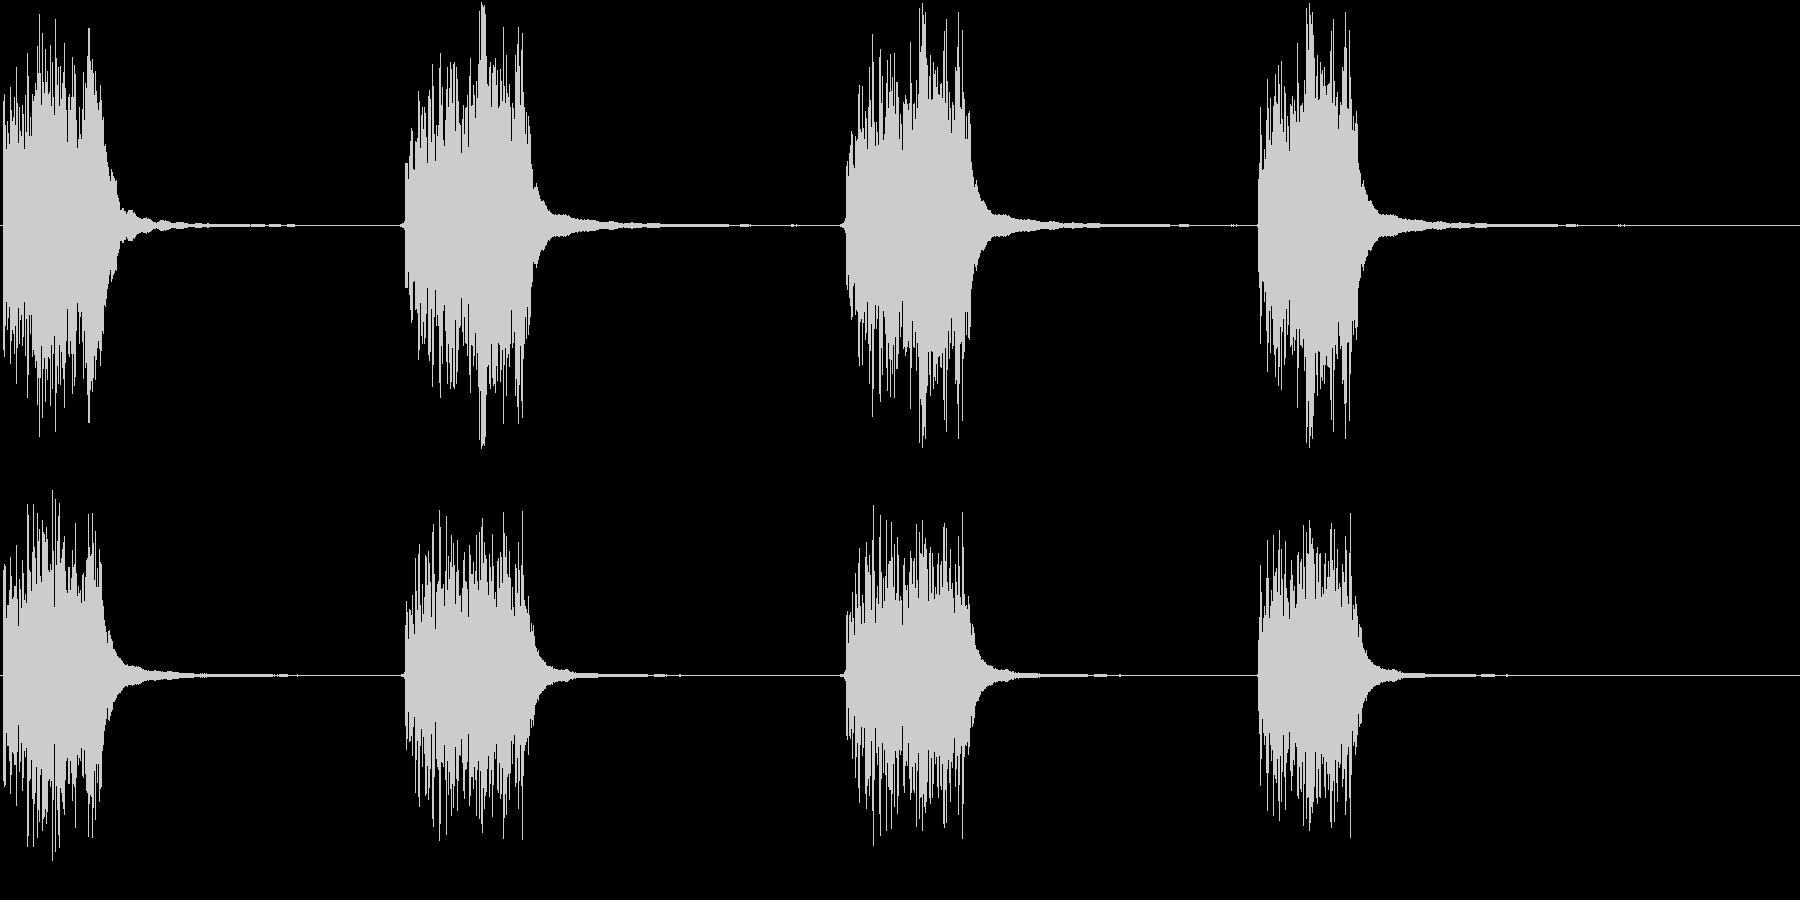 電話リング;ベルのガラガラ音、リン...の未再生の波形